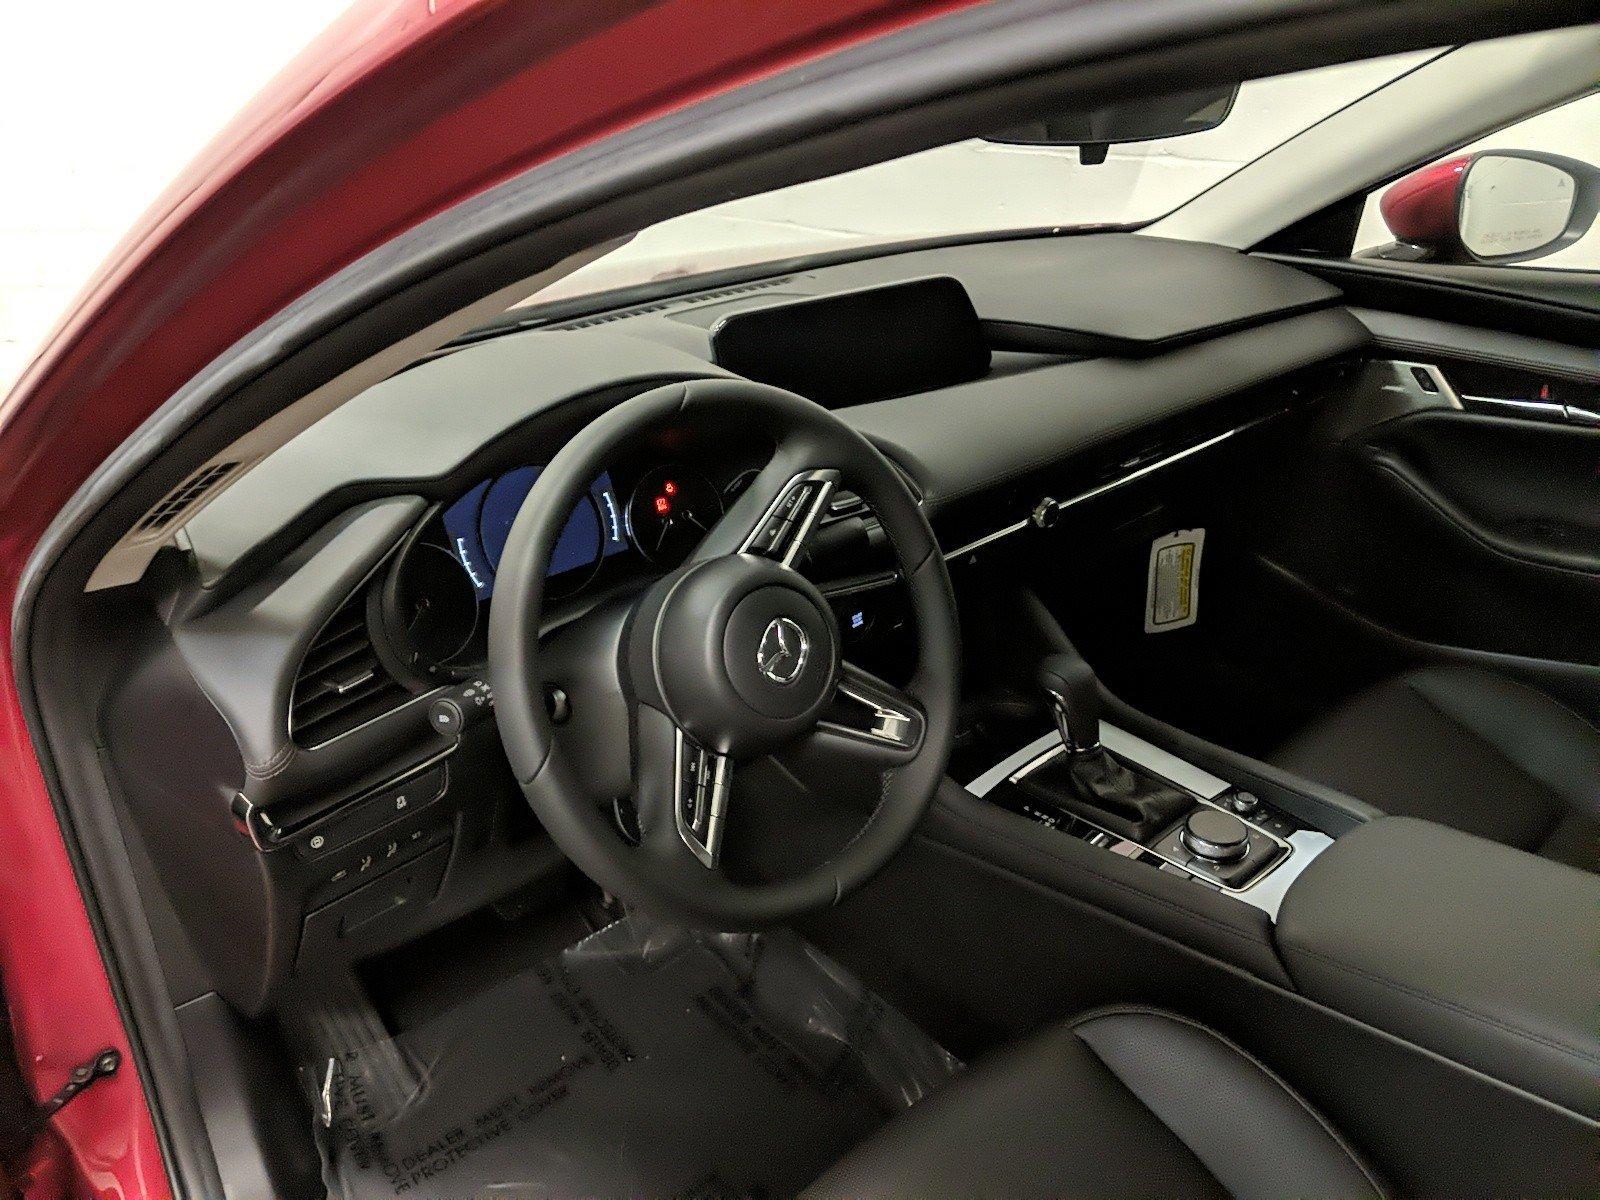 New 2020 Mazda Mazda3 Sedan w/Premium Pkg 4dr Car for sale in Lincoln NE